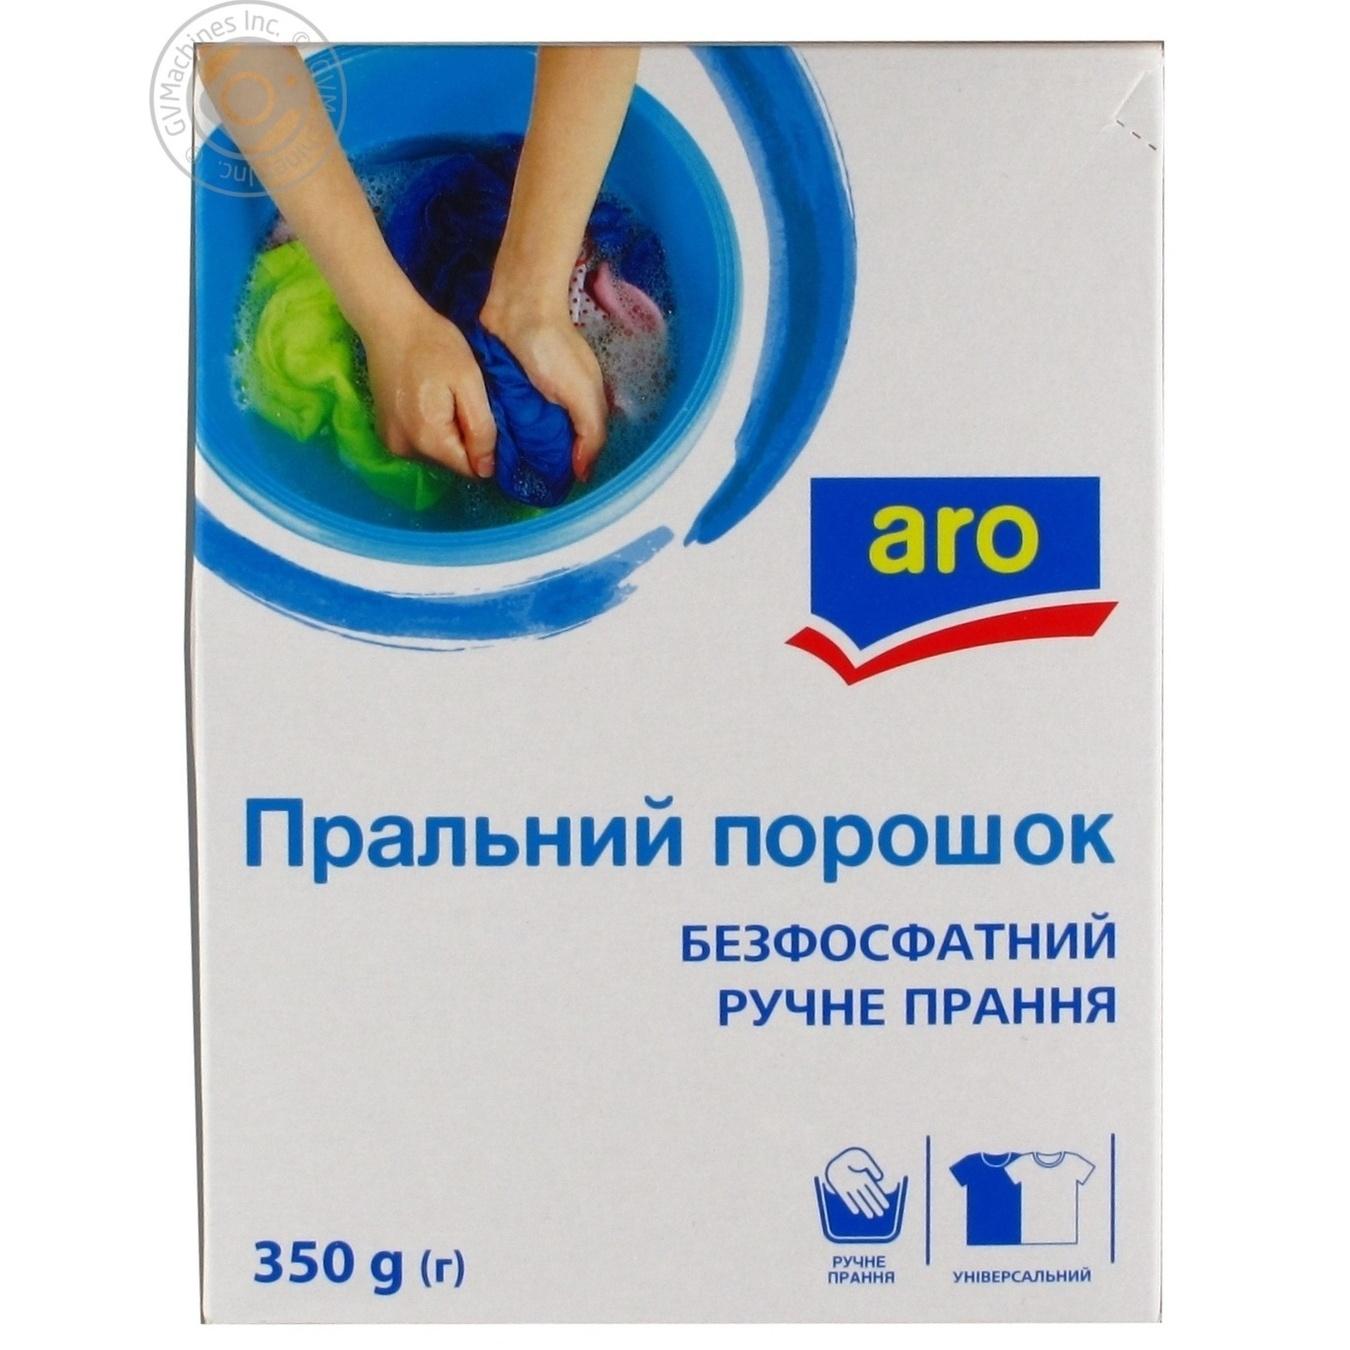 Купить Для прання, Пральний порошок Aro безфосфатний ручне прання 350г